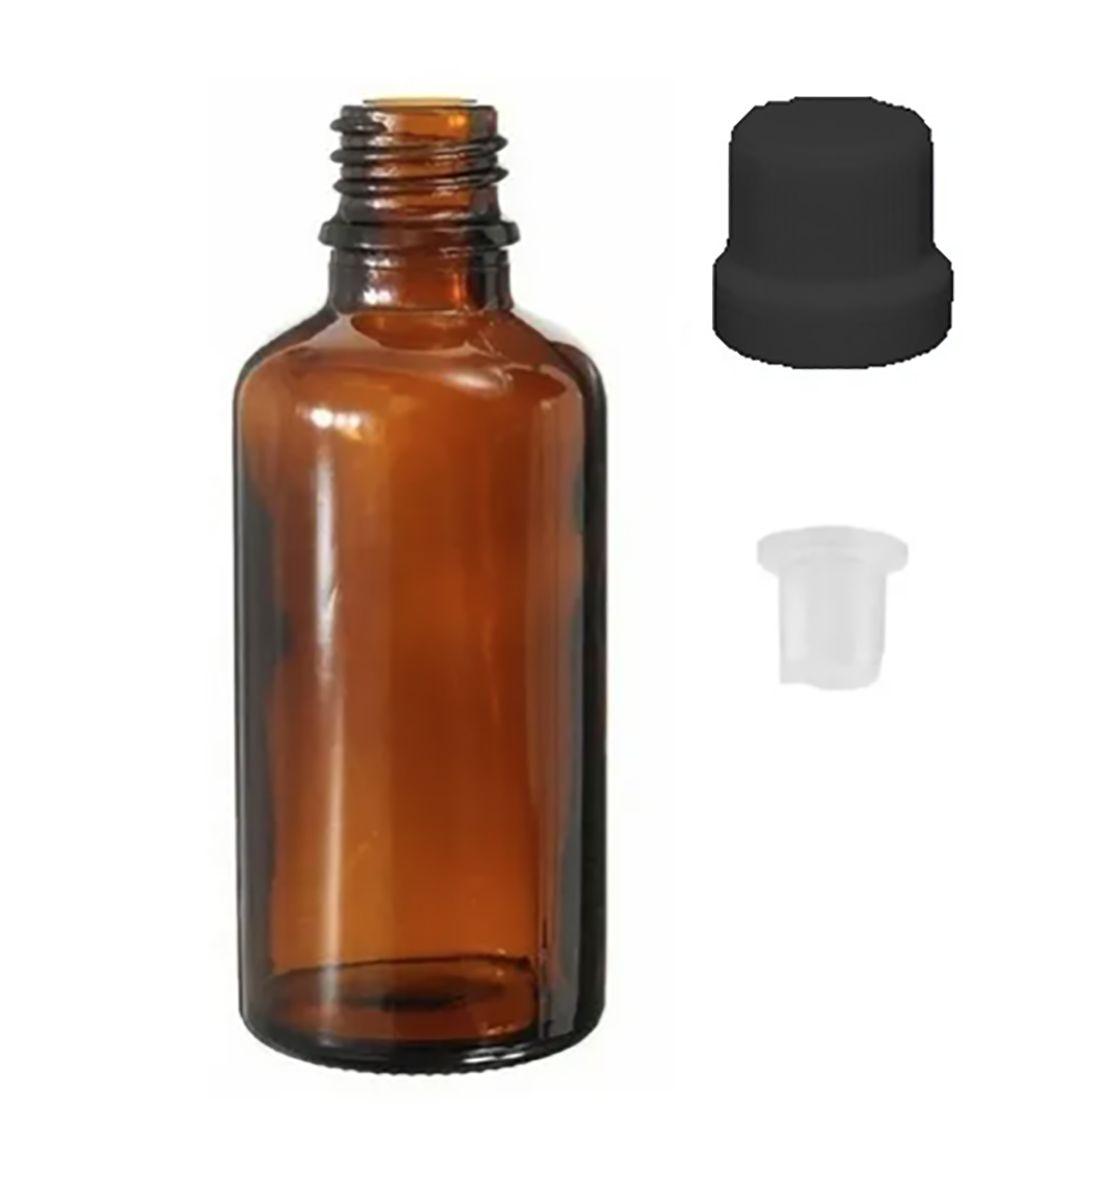 Vidro Âmbar de 30 ml Batoque Gotejador Tampa Preta kit com 50